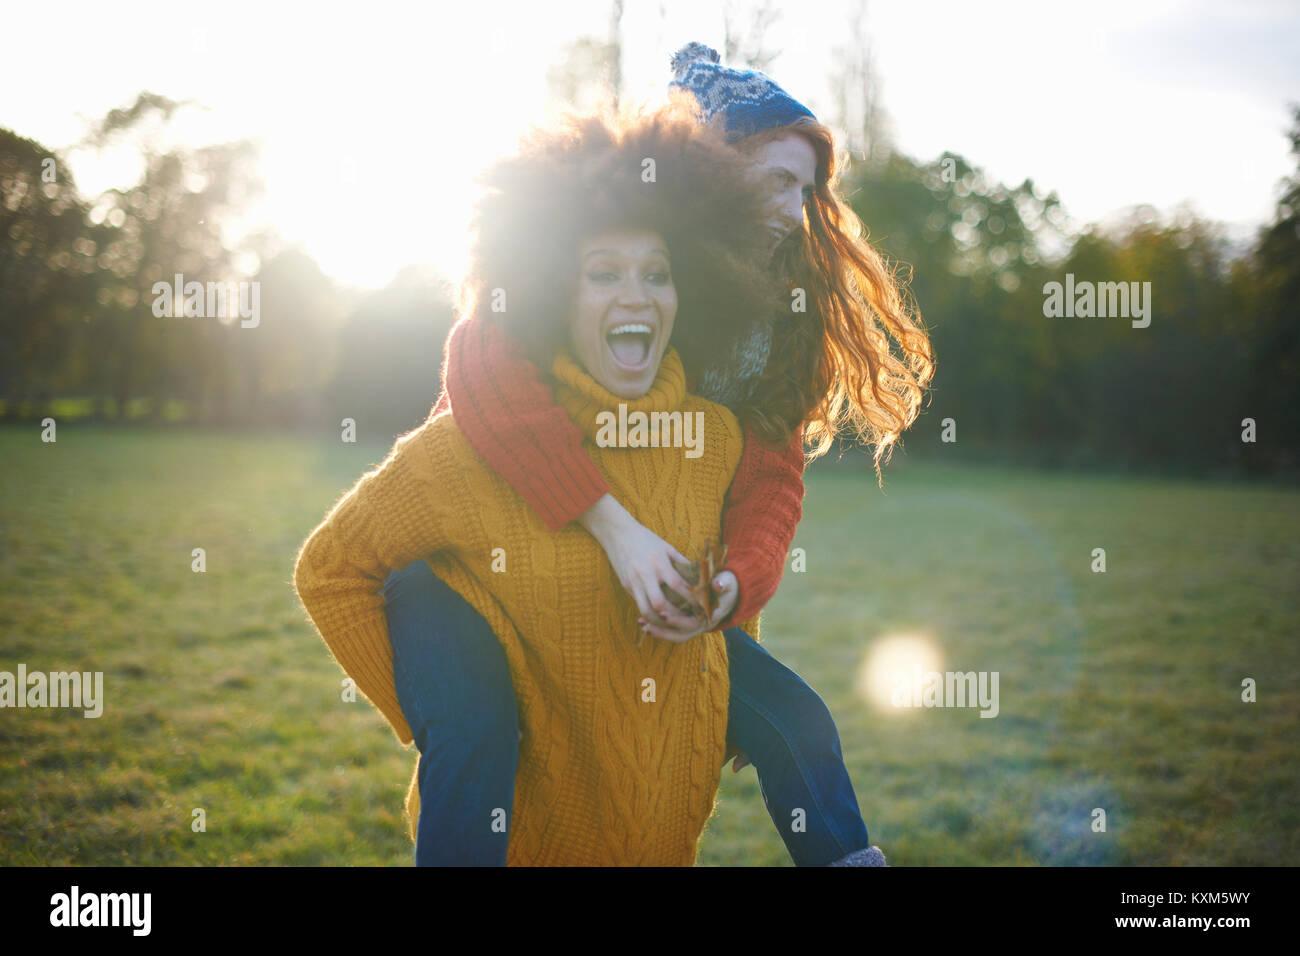 Due giovani donne,in ambiente rurale,giovane donna dando amico piggyback ride Immagini Stock